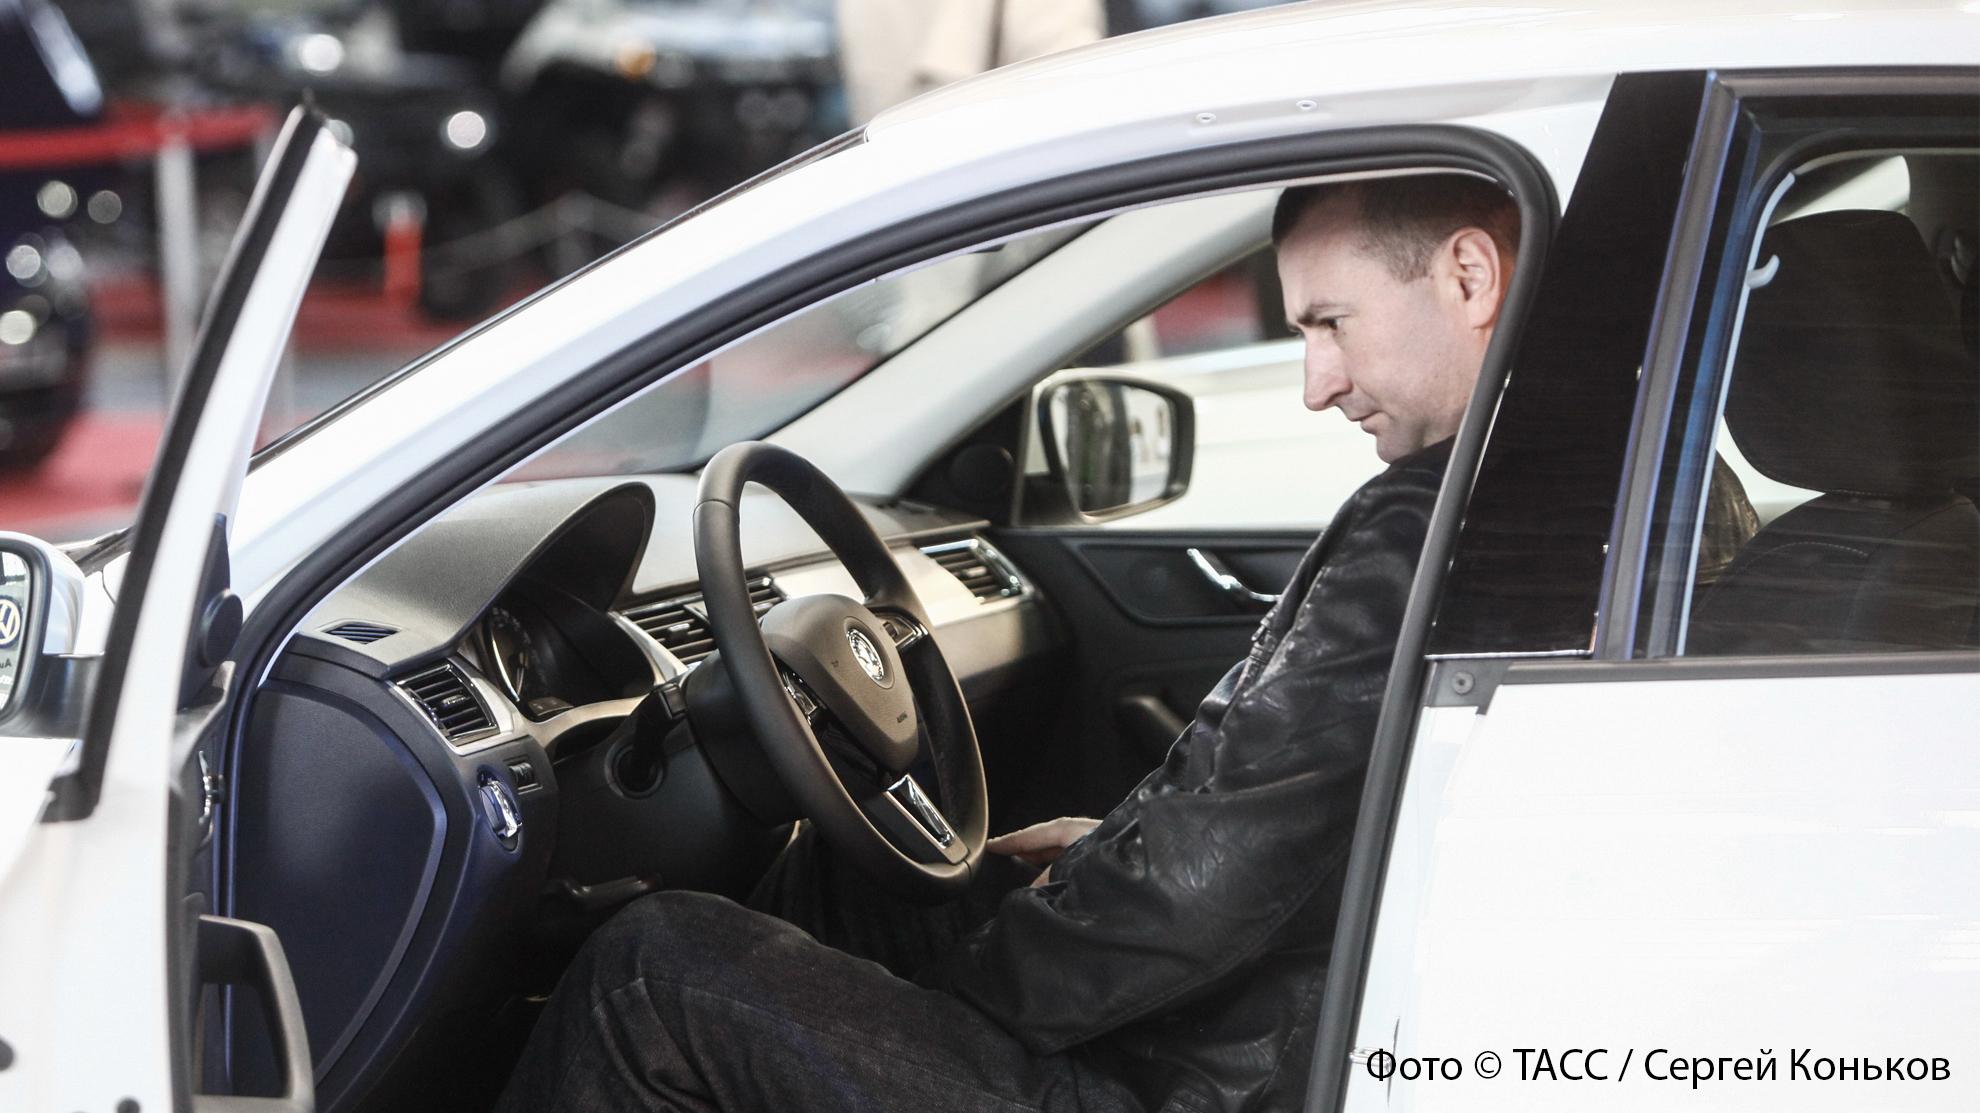 Аренда с правом выкупа: как мошенники отбирают у россиян купленные автомобили